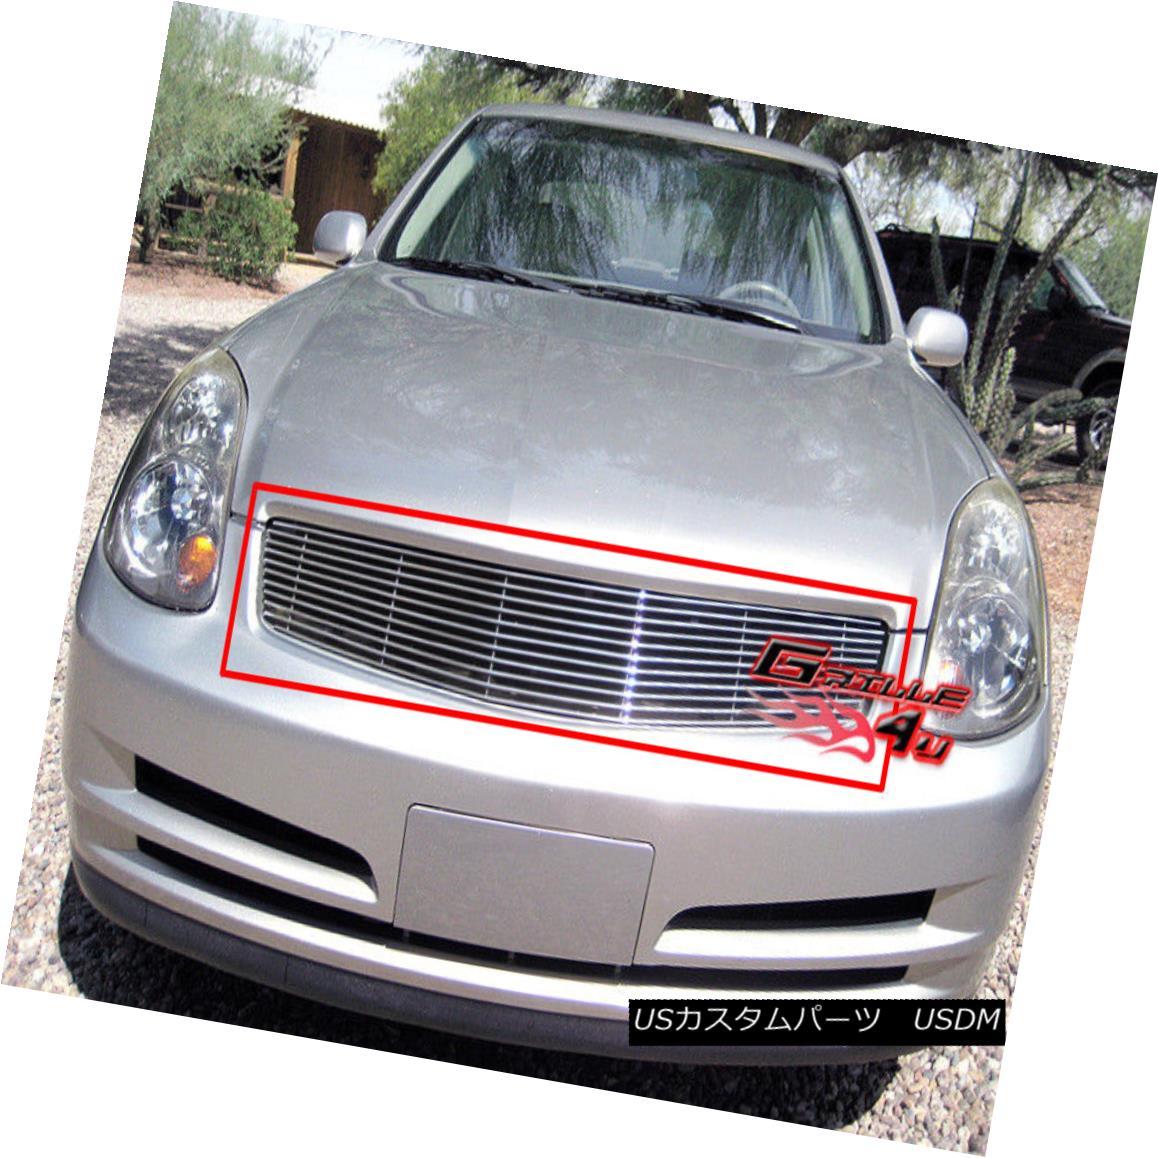 グリル Fits 2003-2004 Infiniti G35 Main Upper Billet Grille Insert フィット2003-2004インフィニティG35メインアッパービレットグリルインサート